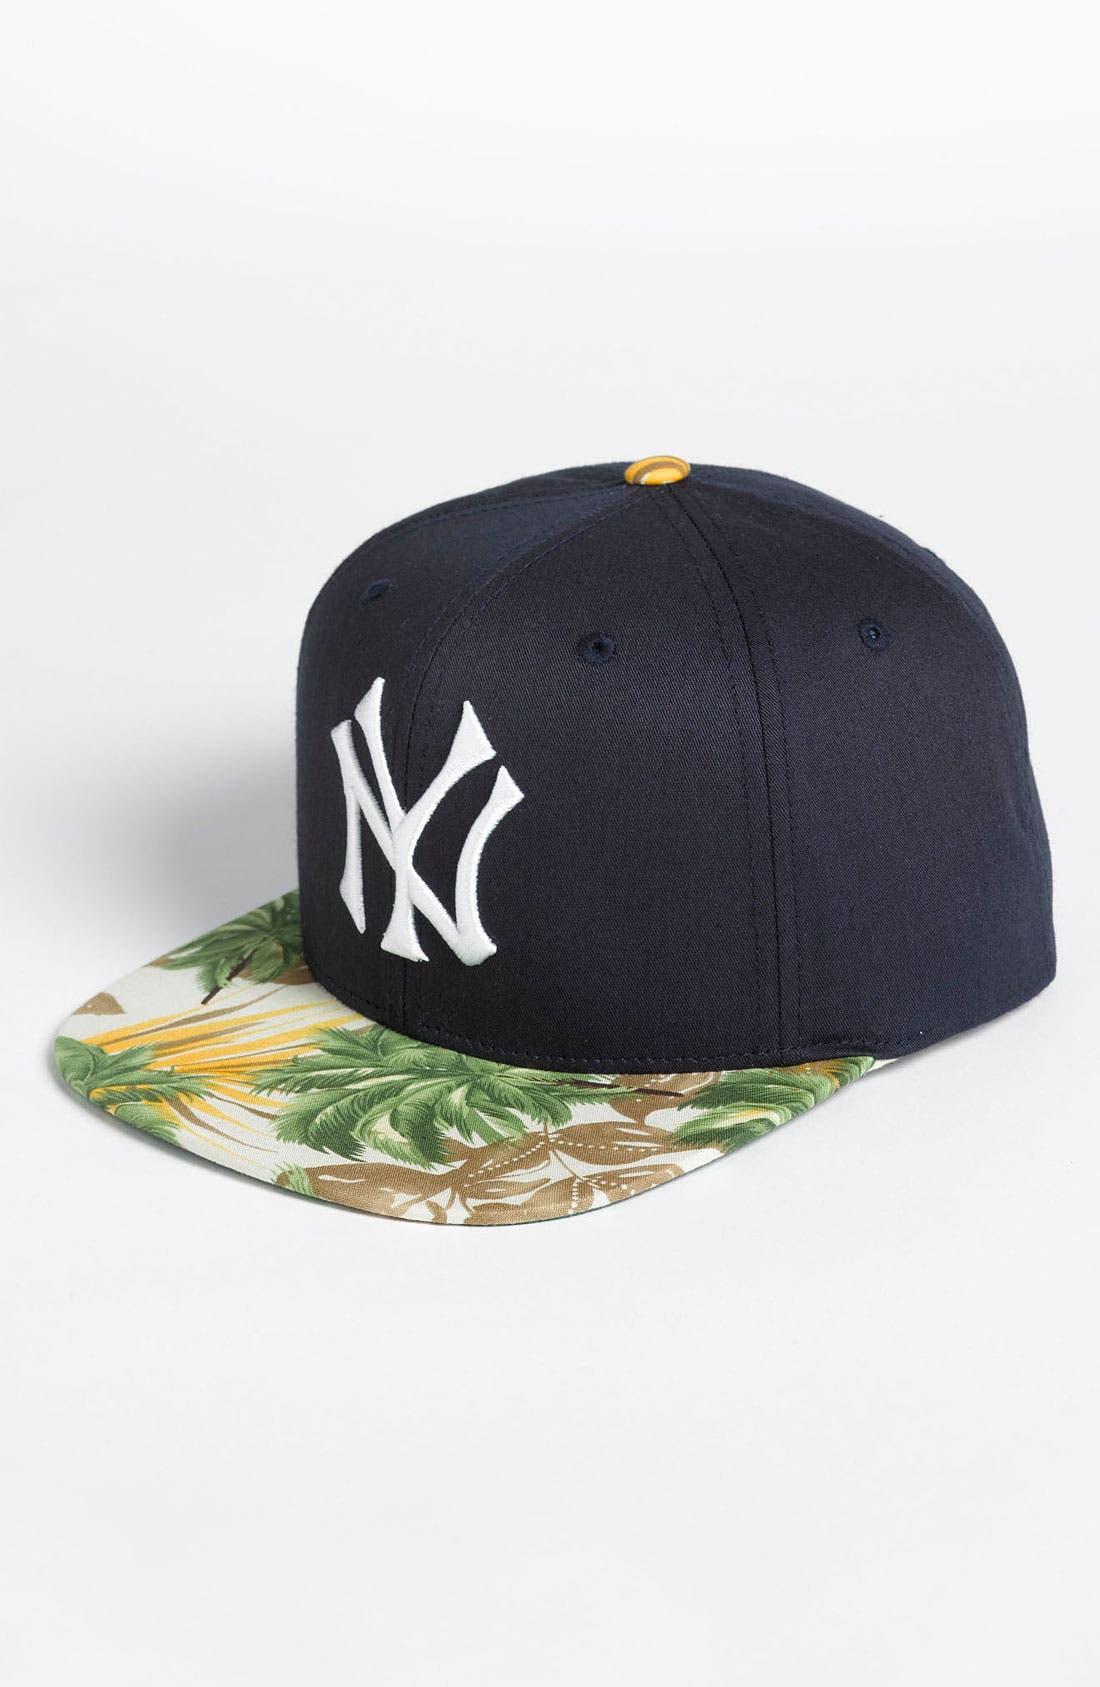 Main Image - American Needle 'New York Yankees - Visor Trip' Baseball Cap